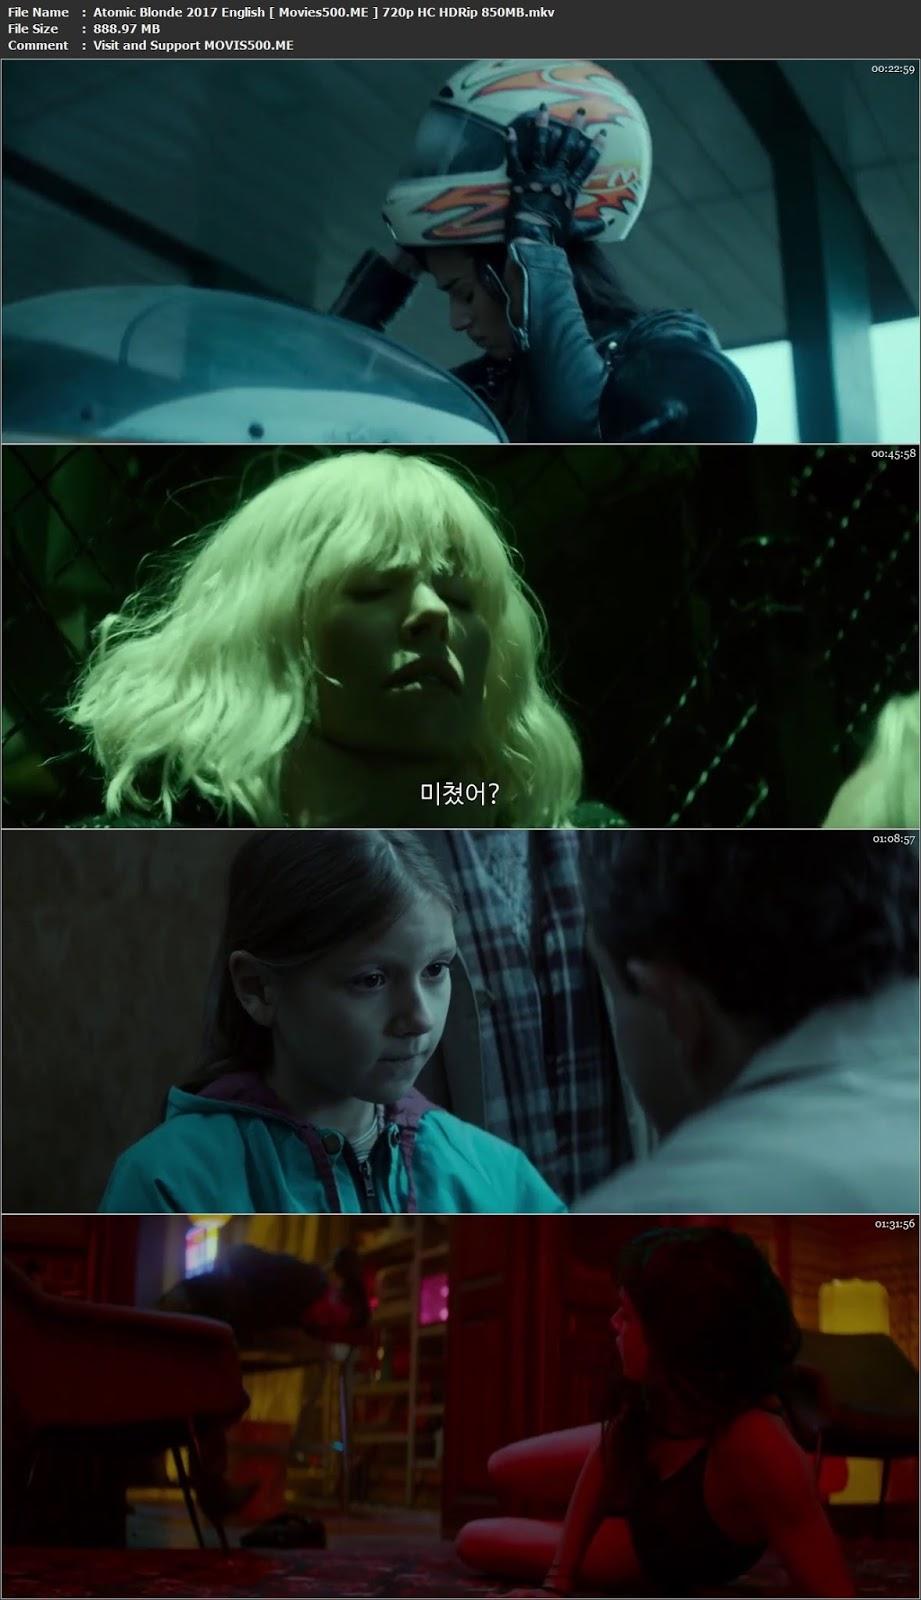 Atomic Blonde 2017 English Full Movie HDRip 720p